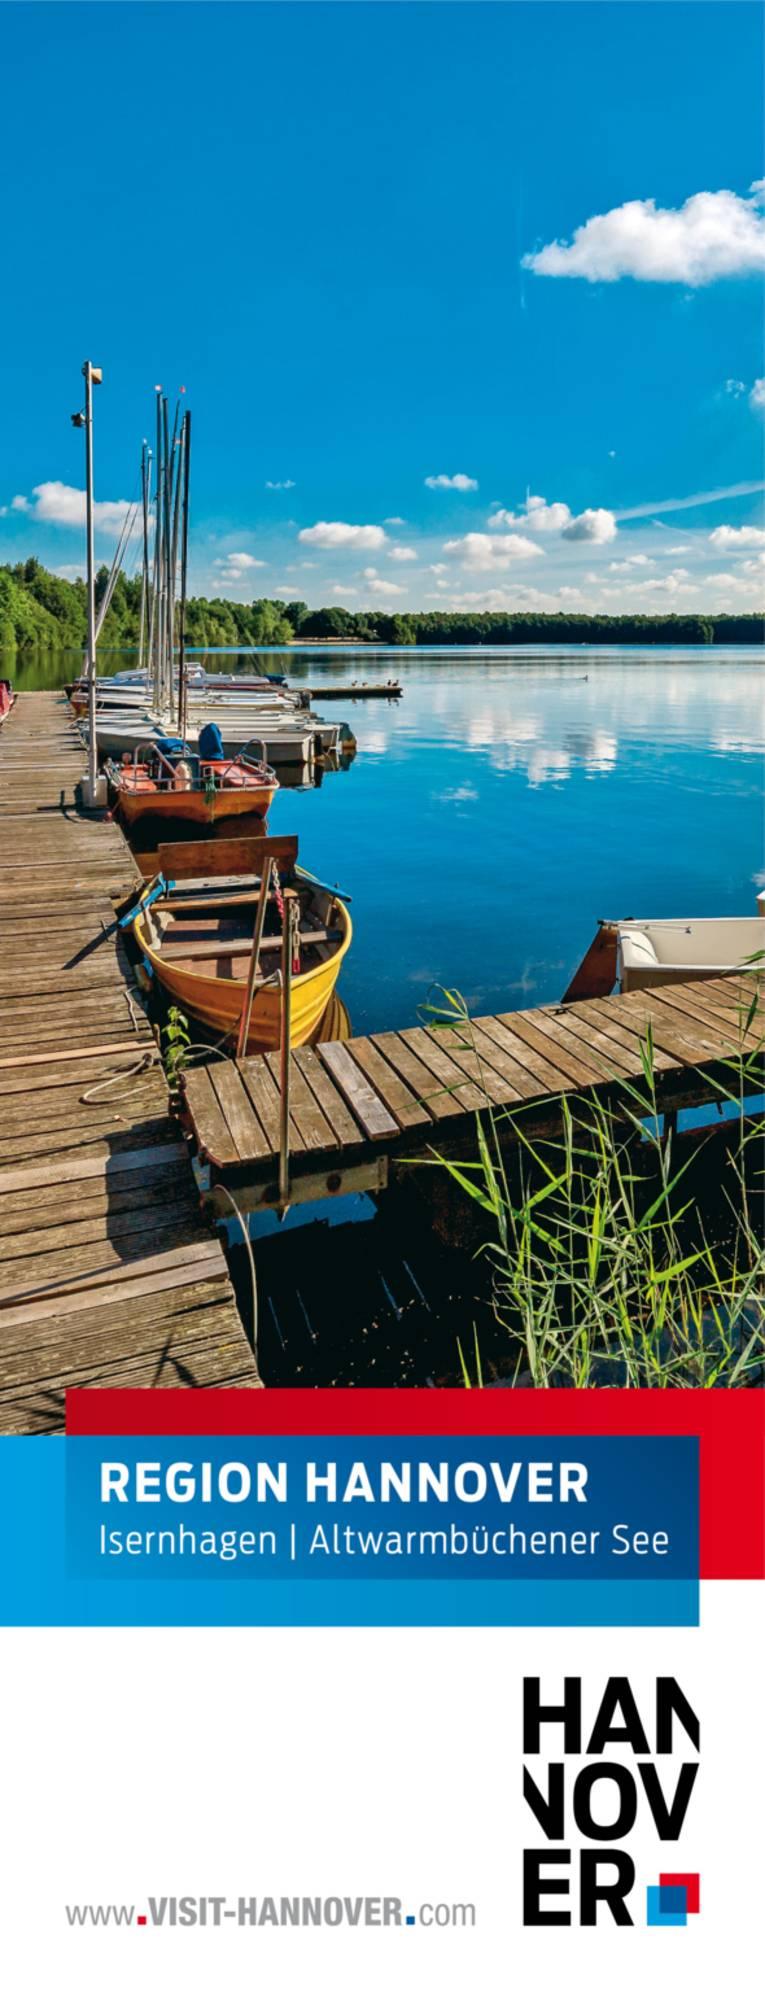 Isernhagen präsentiert sich mit einem Motiv des Altwarmbüchener Sees.